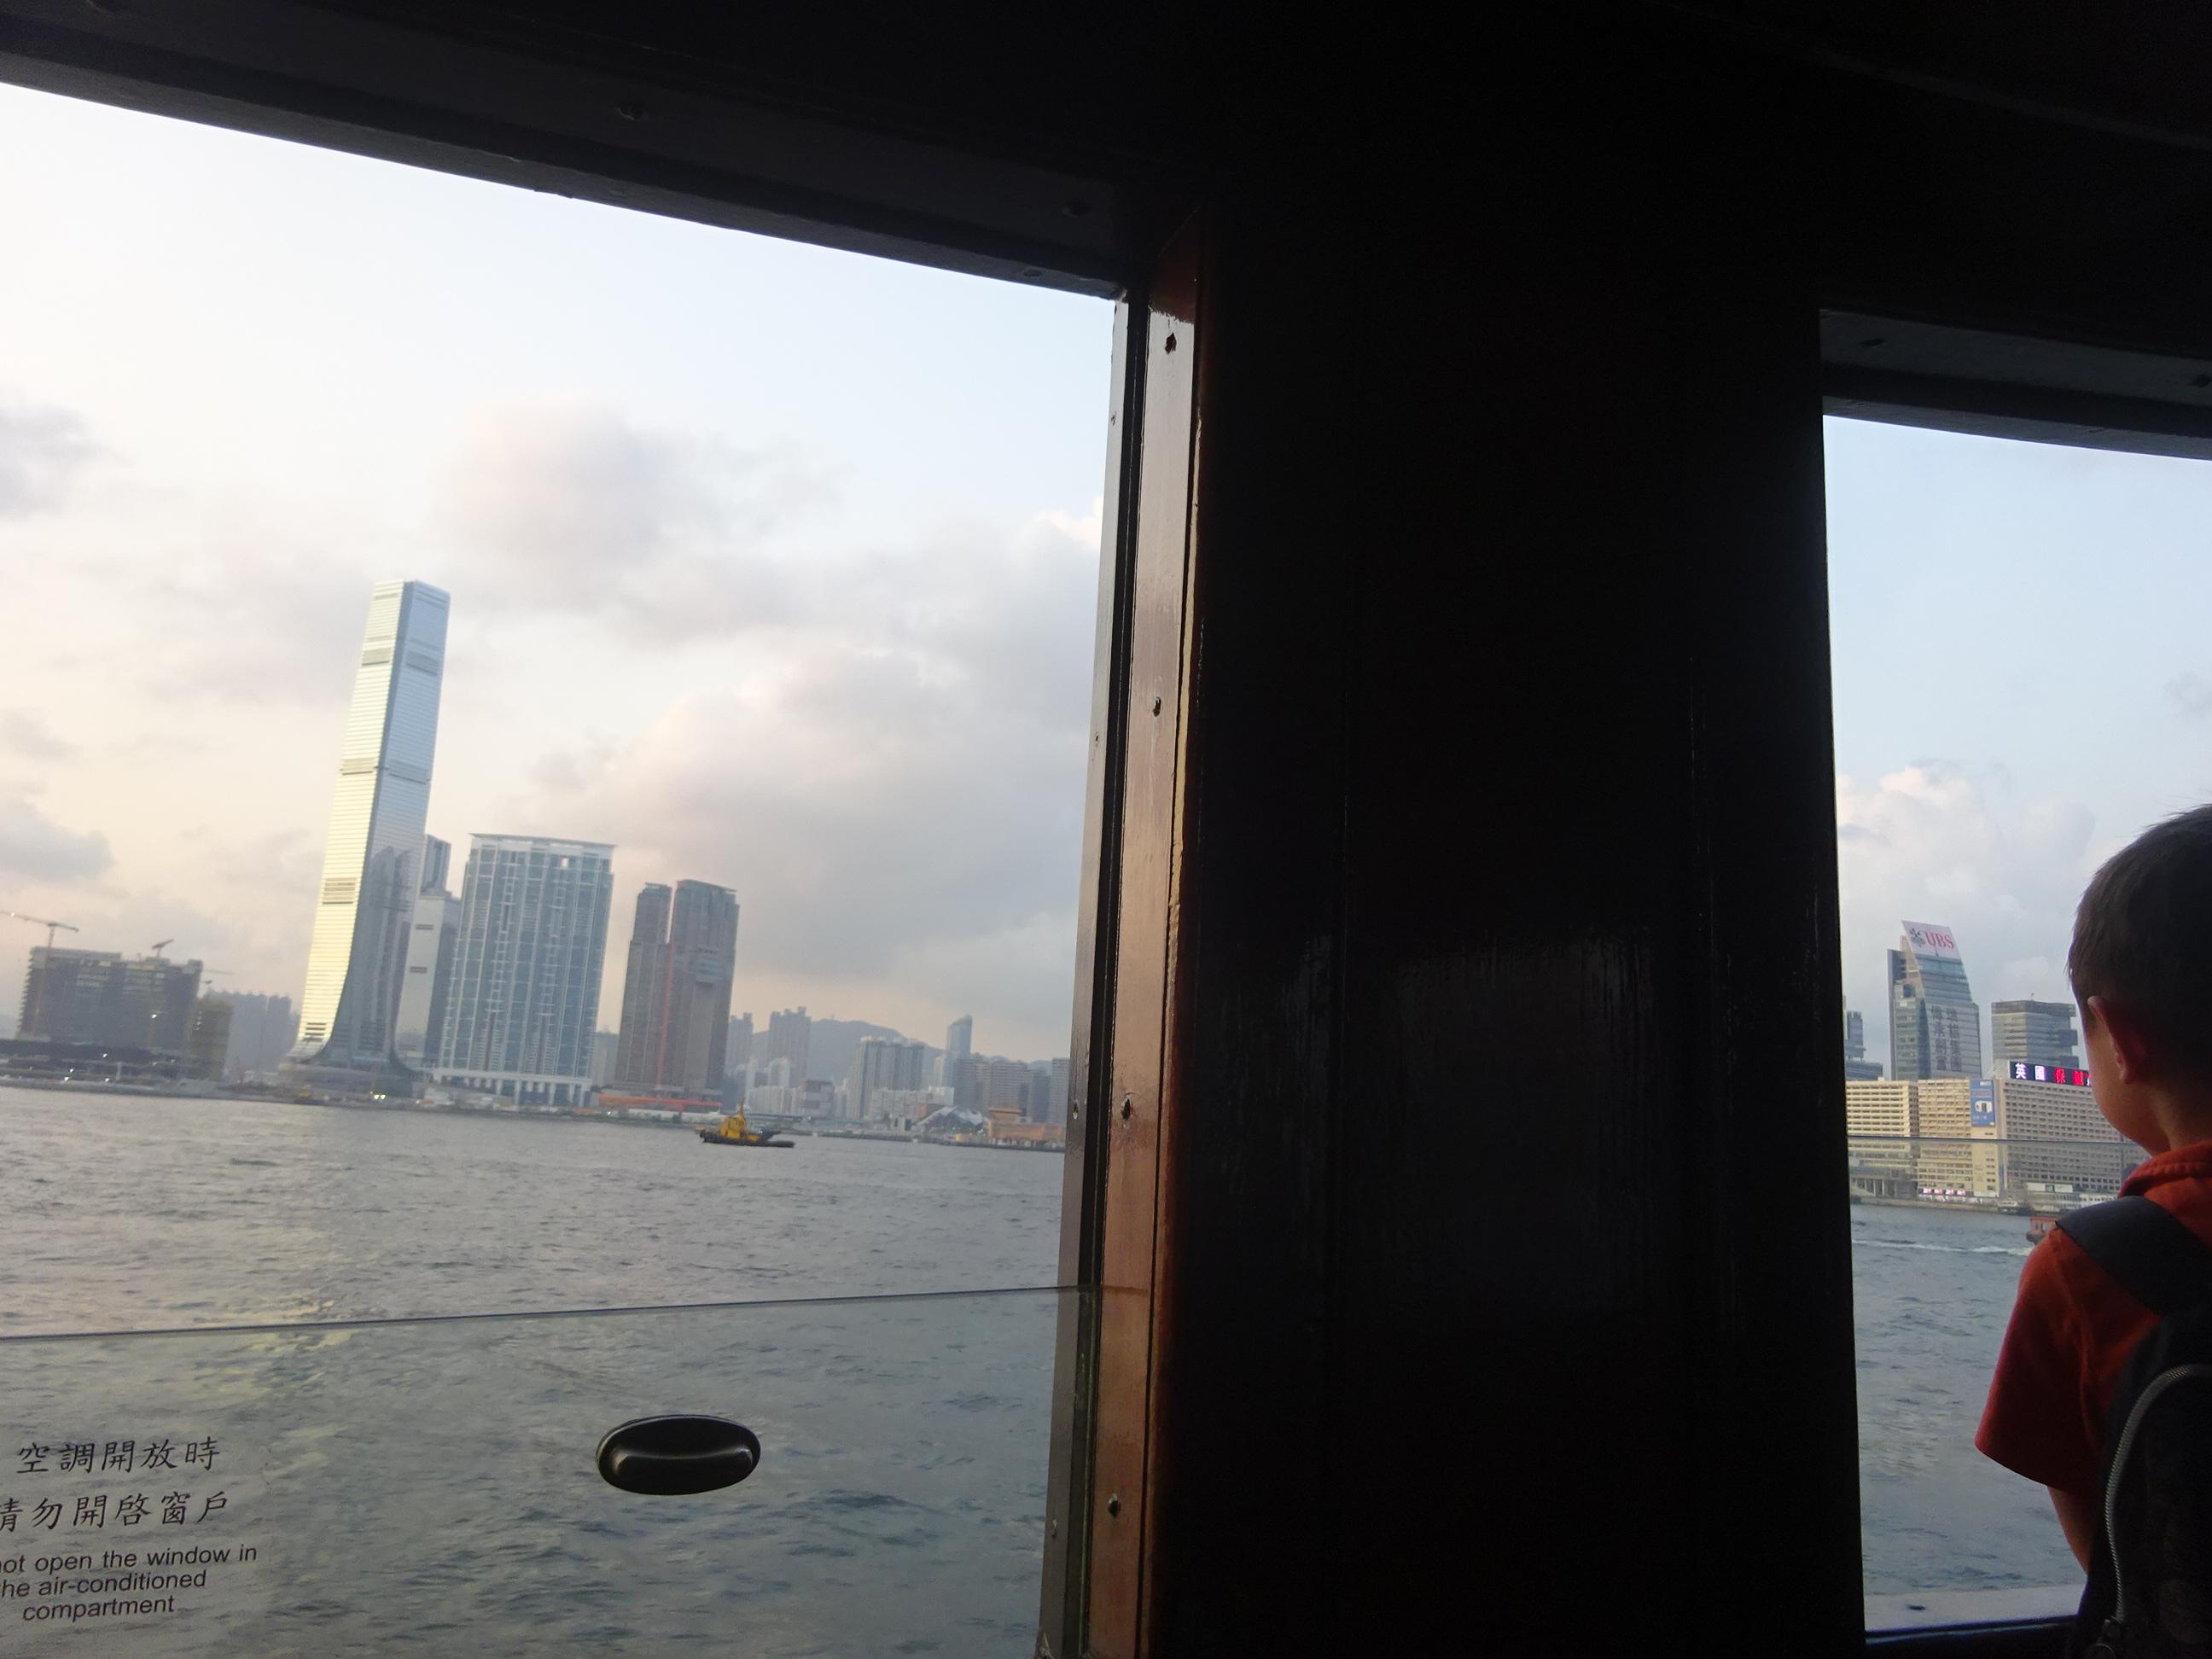 スターフェリー(天星小輪・Star Ferry)からの景色